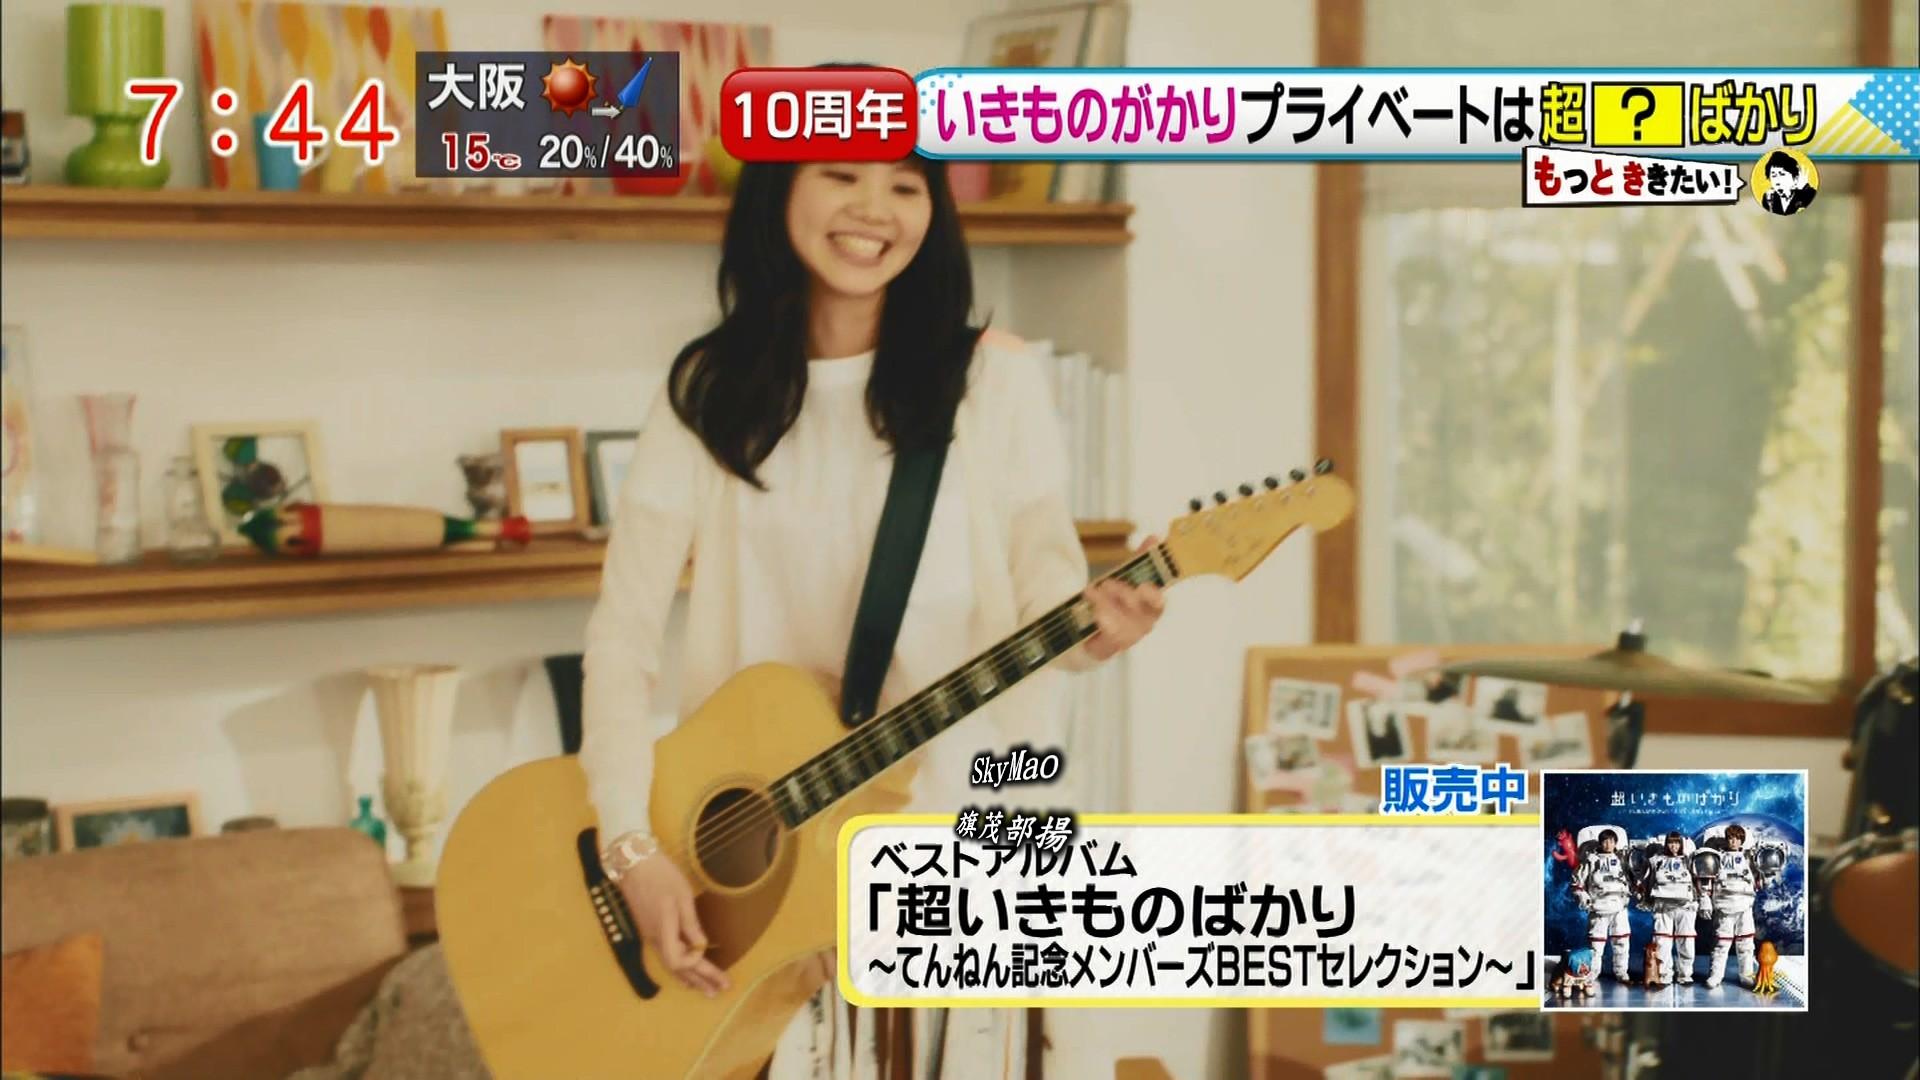 2016.03.28 いきものがかり(ドデスカ!).ts_20160328_141610.491